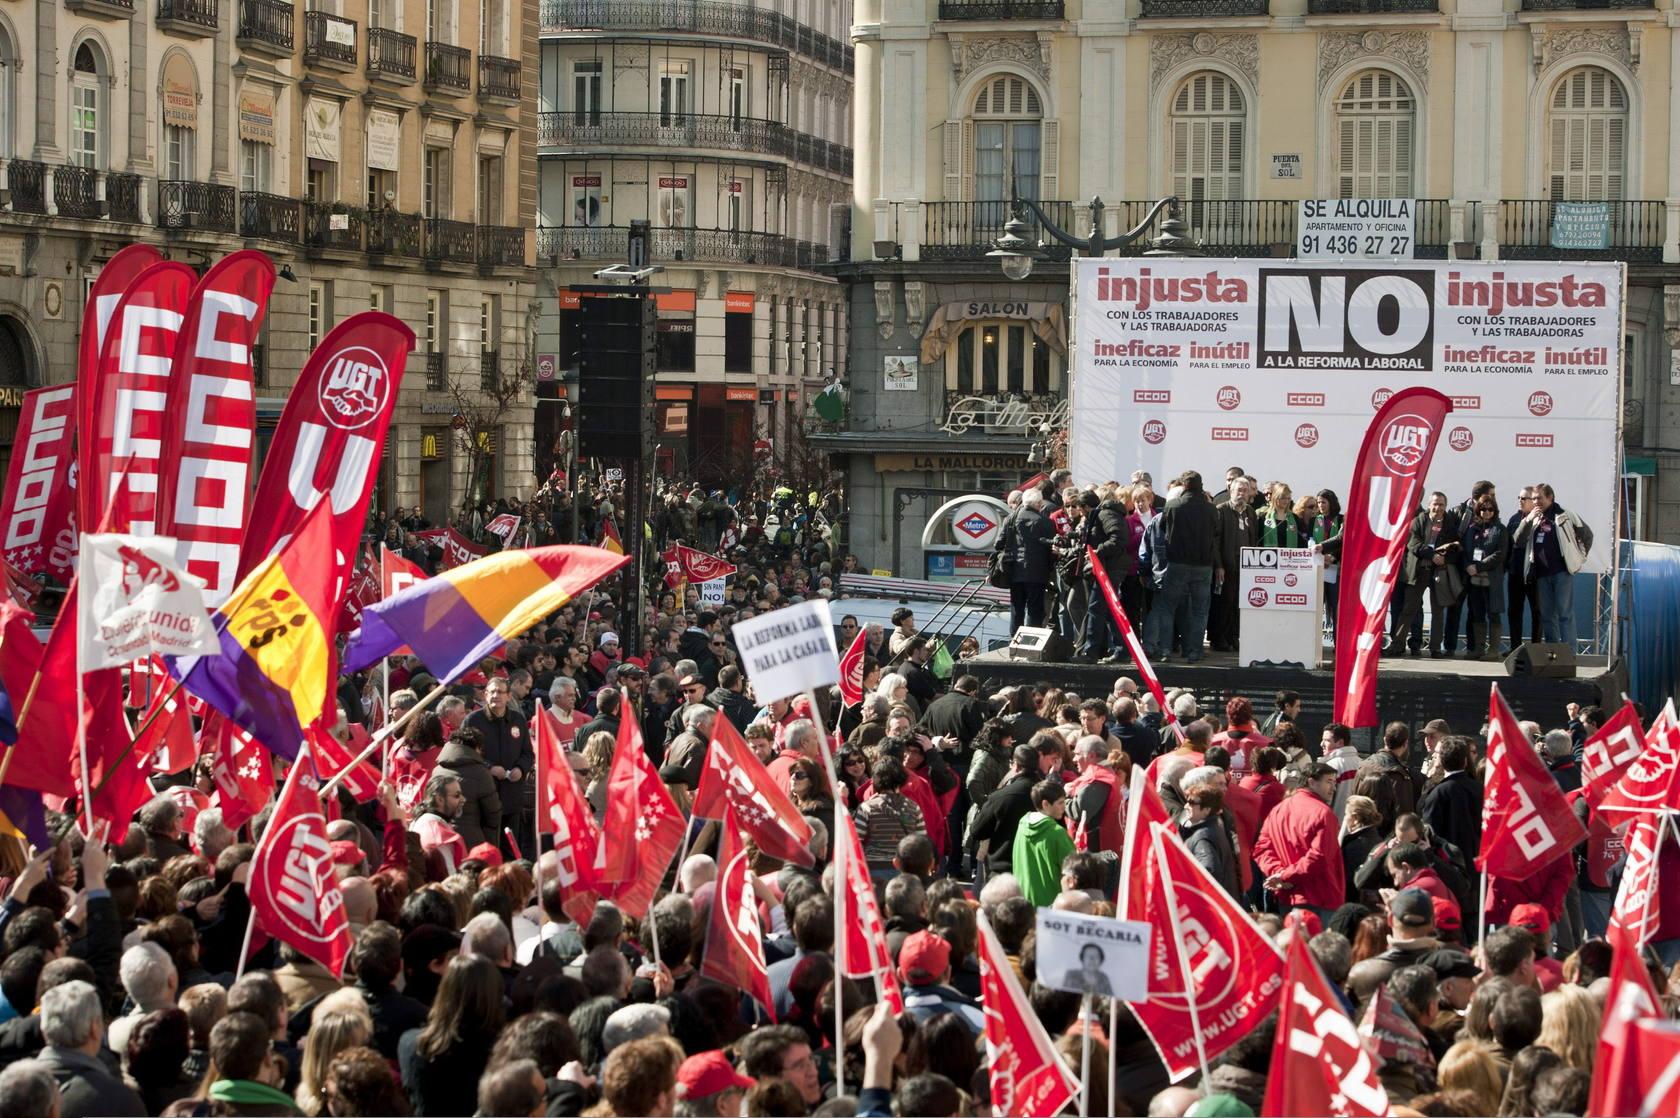 Miles de personas se manifiestan contra la reforma laboral